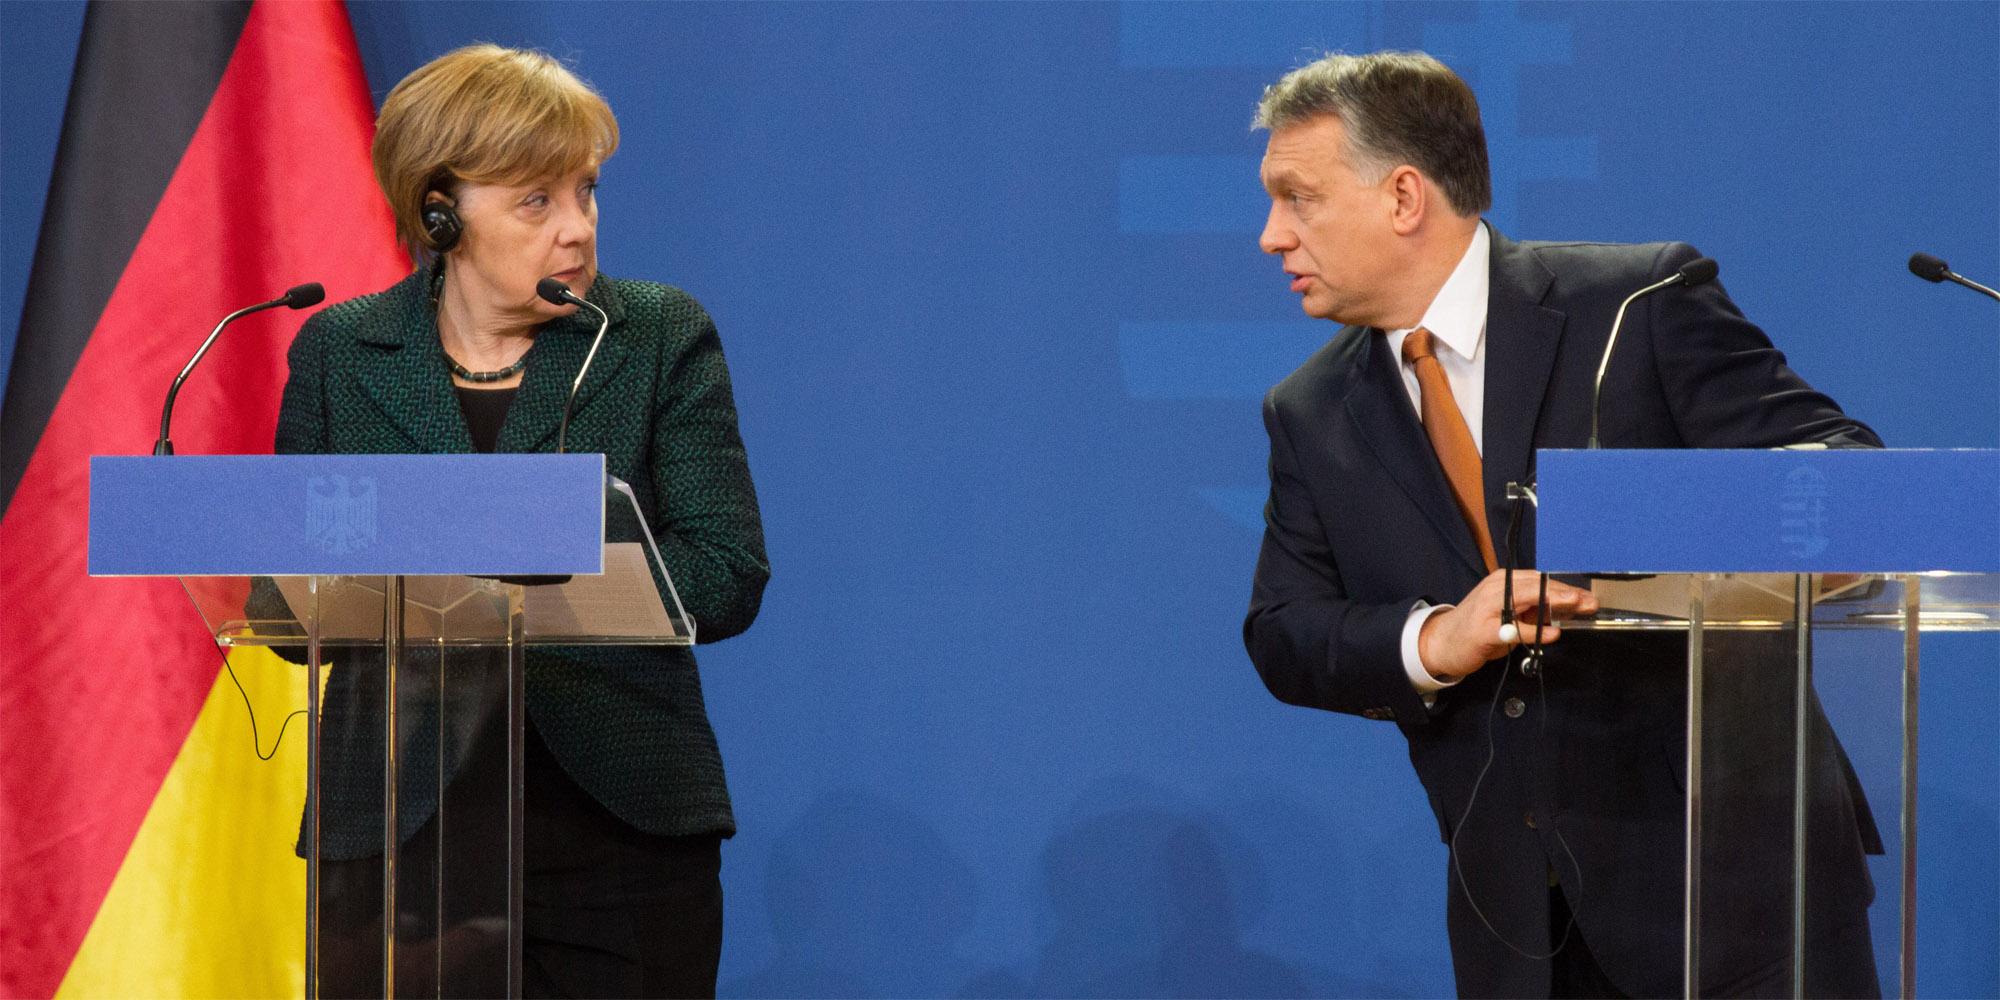 Orbán und Merkel